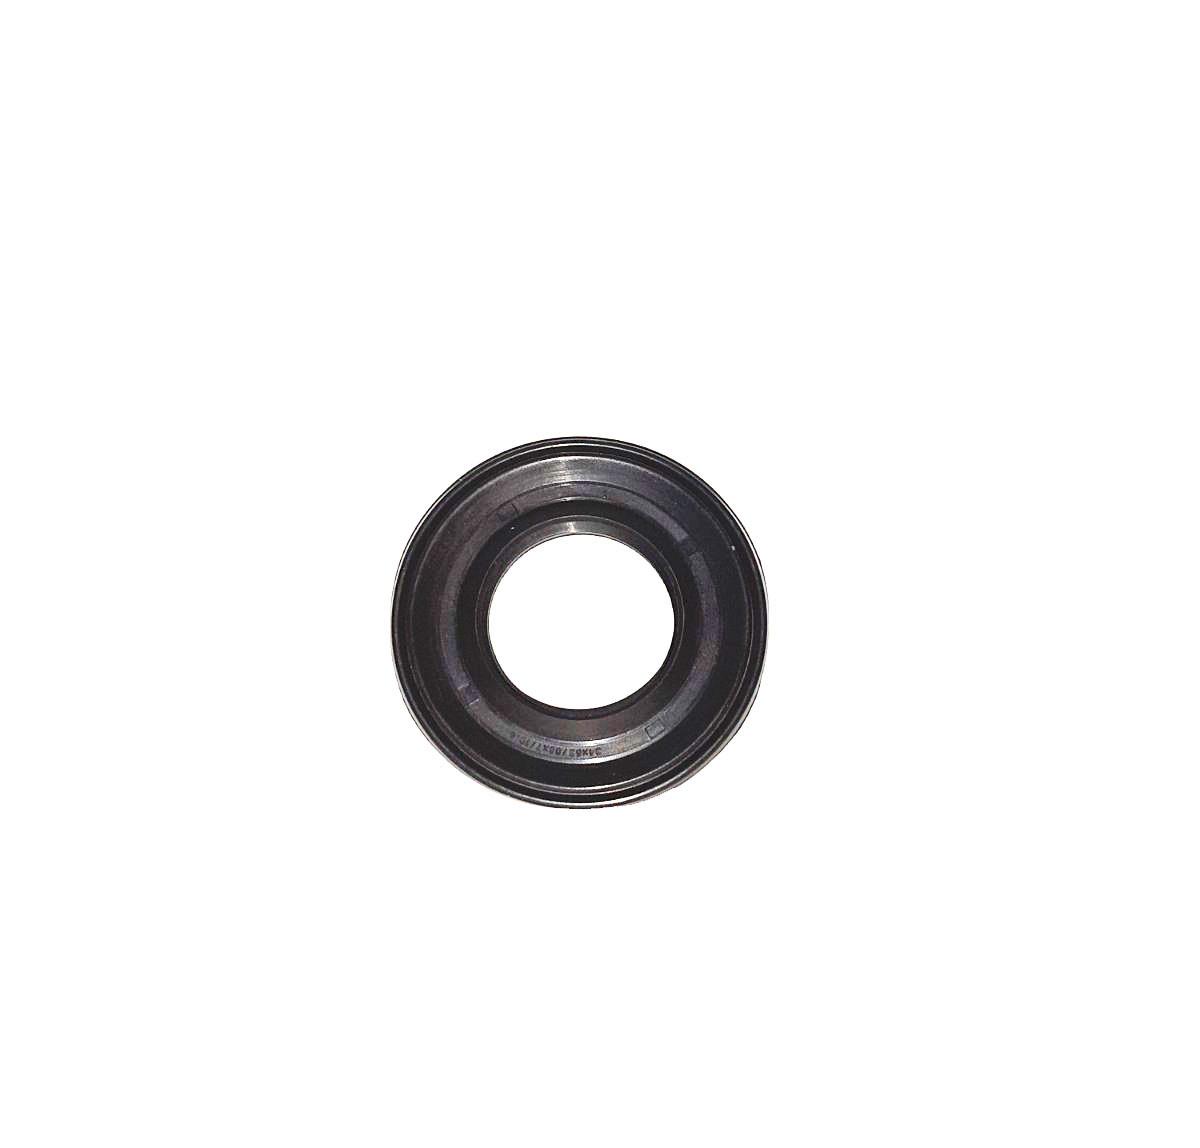 Сальник 34*52/65*7/10,5 (PAS) для стиральных машин Indesit, Ariston, Hotpoint, Whirlpool